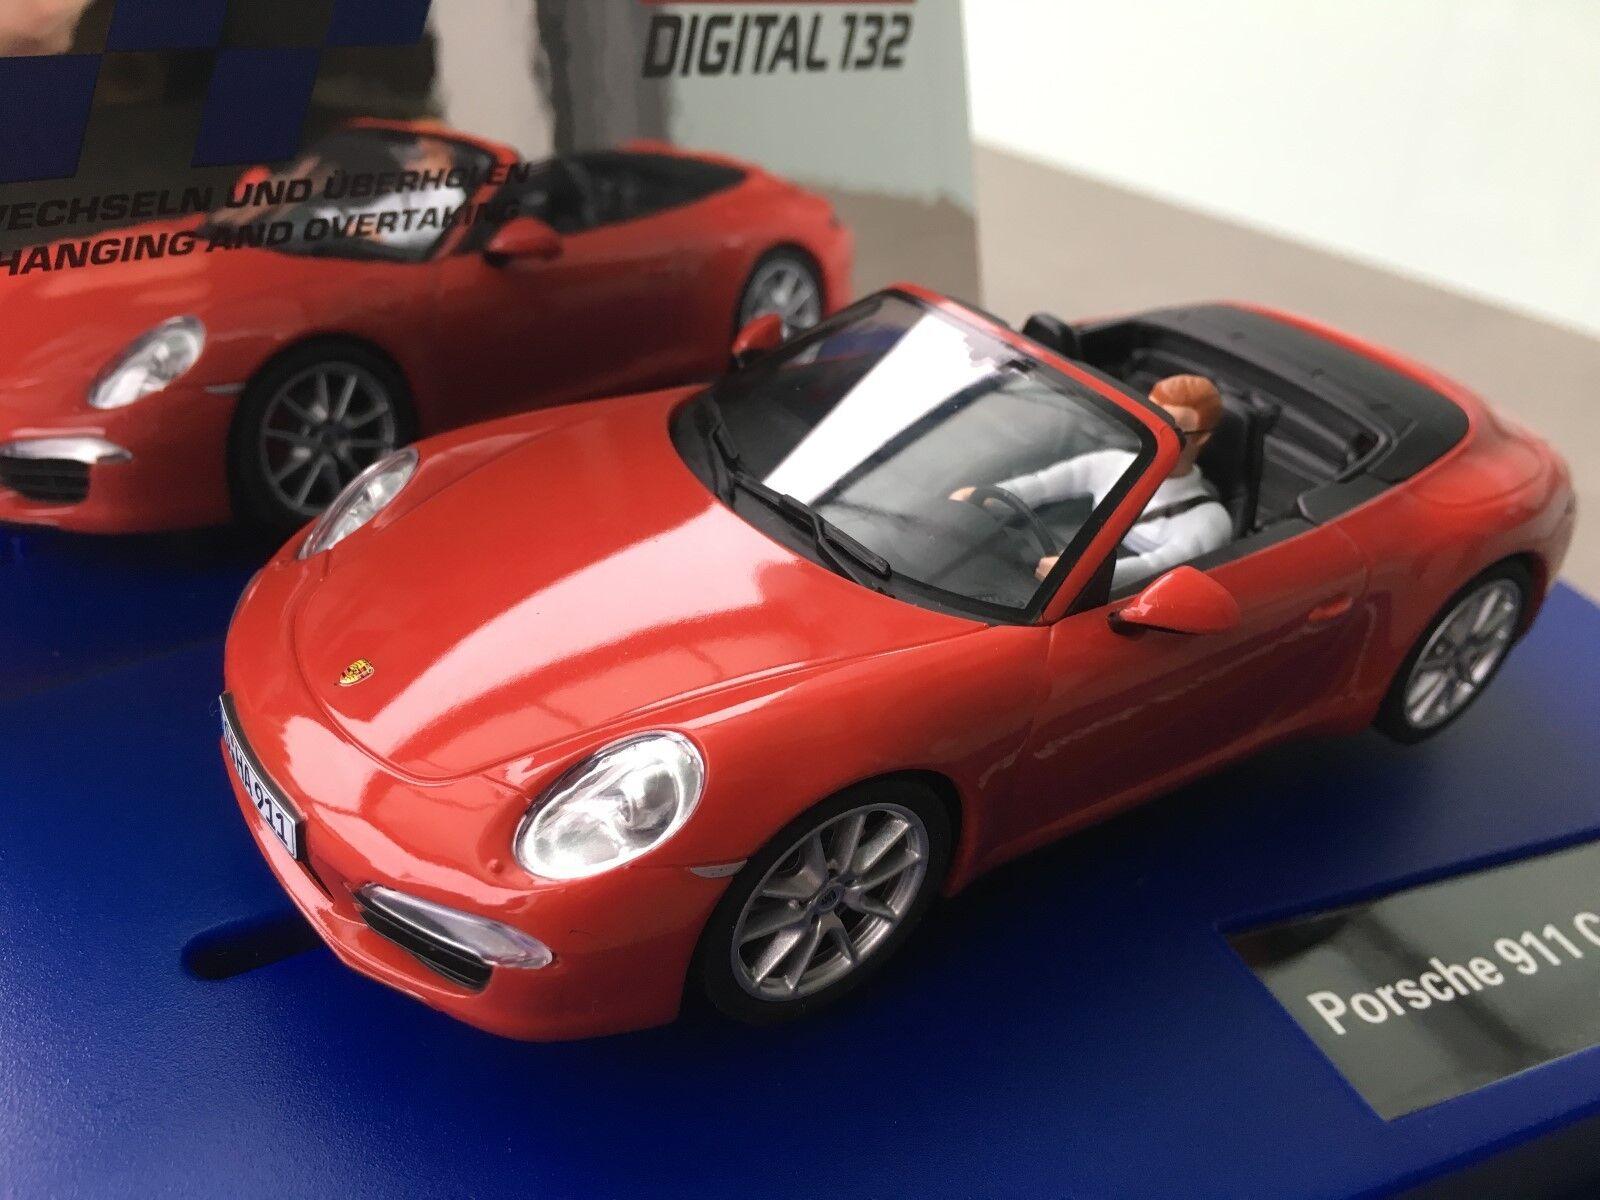 Carrera Digital 132 30772 Porsche 911 CARRERA S Cabriolet Nip